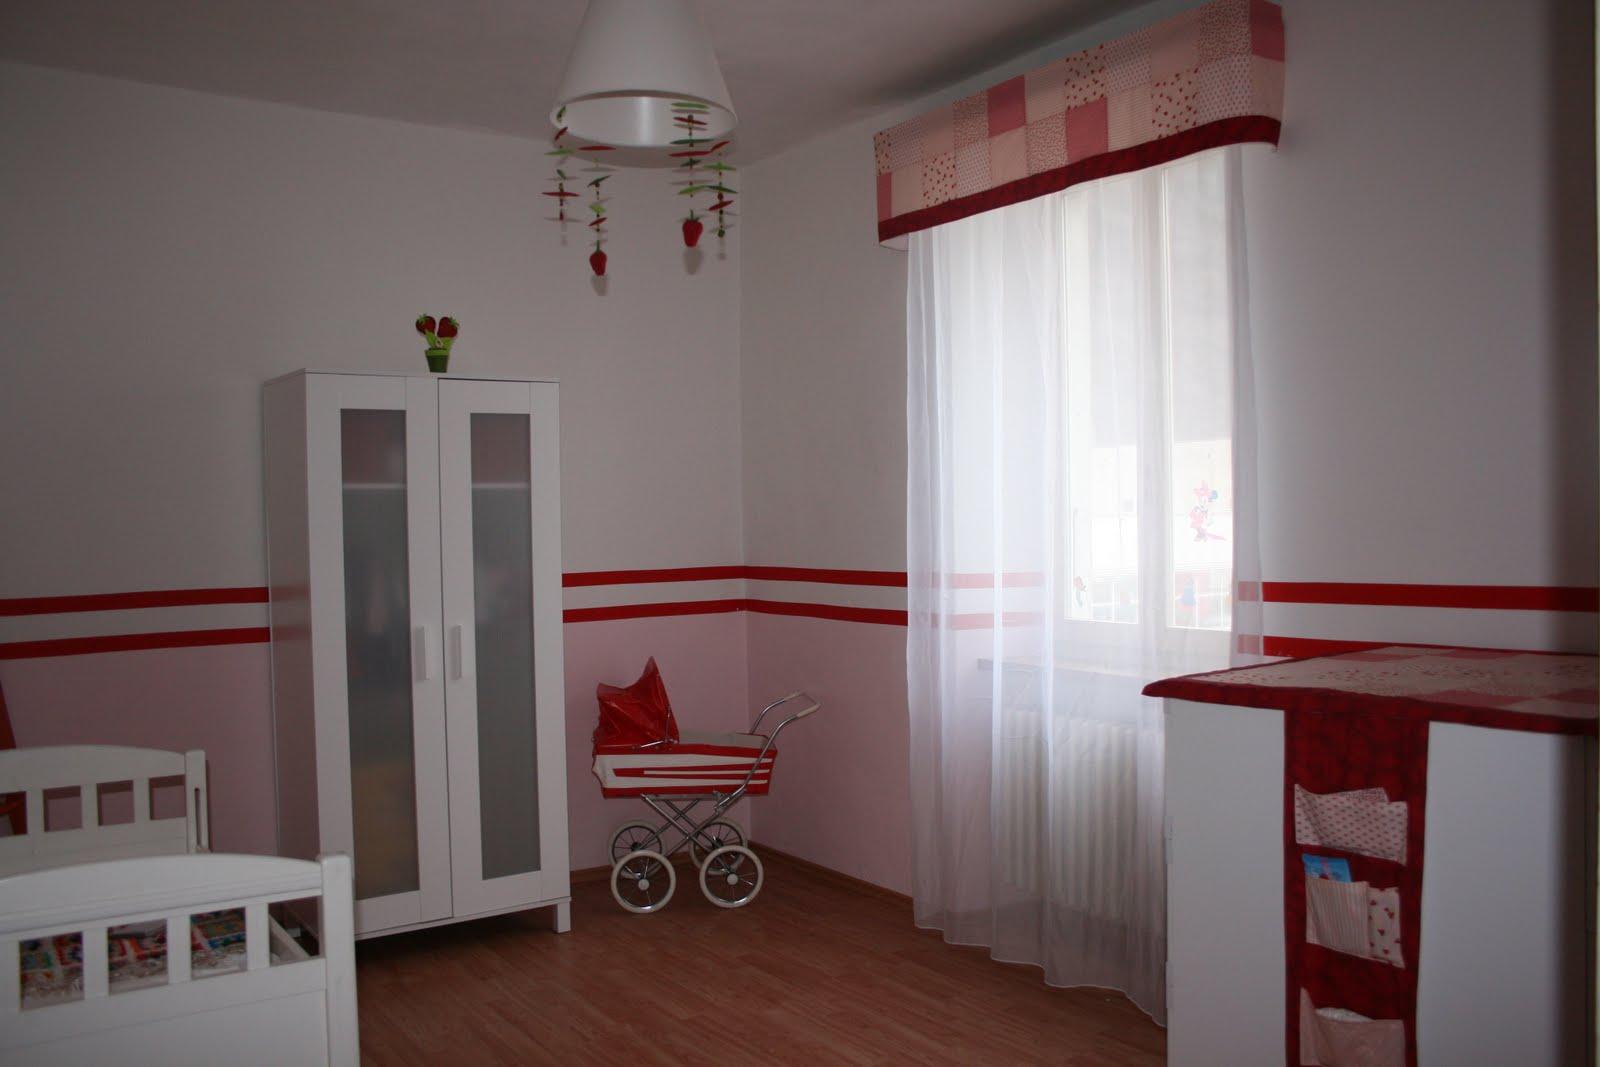 Colori pareti casa interni stunning arredamento e accenti for Simulatore di arredamento